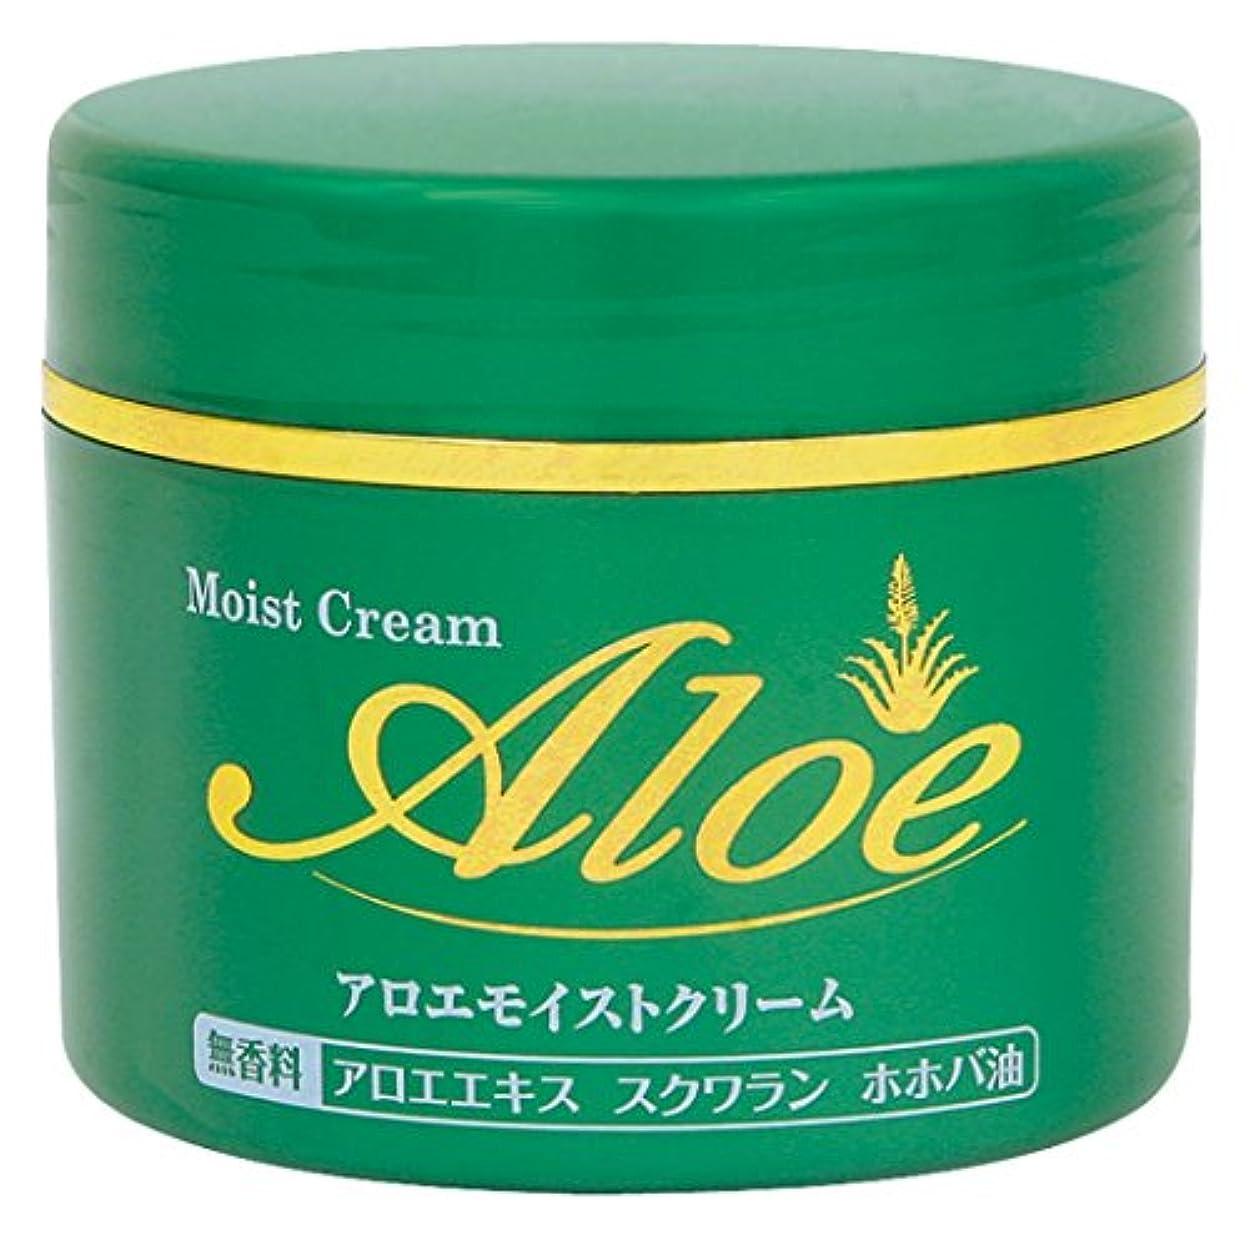 細心のマラドロイト生活アロエモイストクリーム 160g